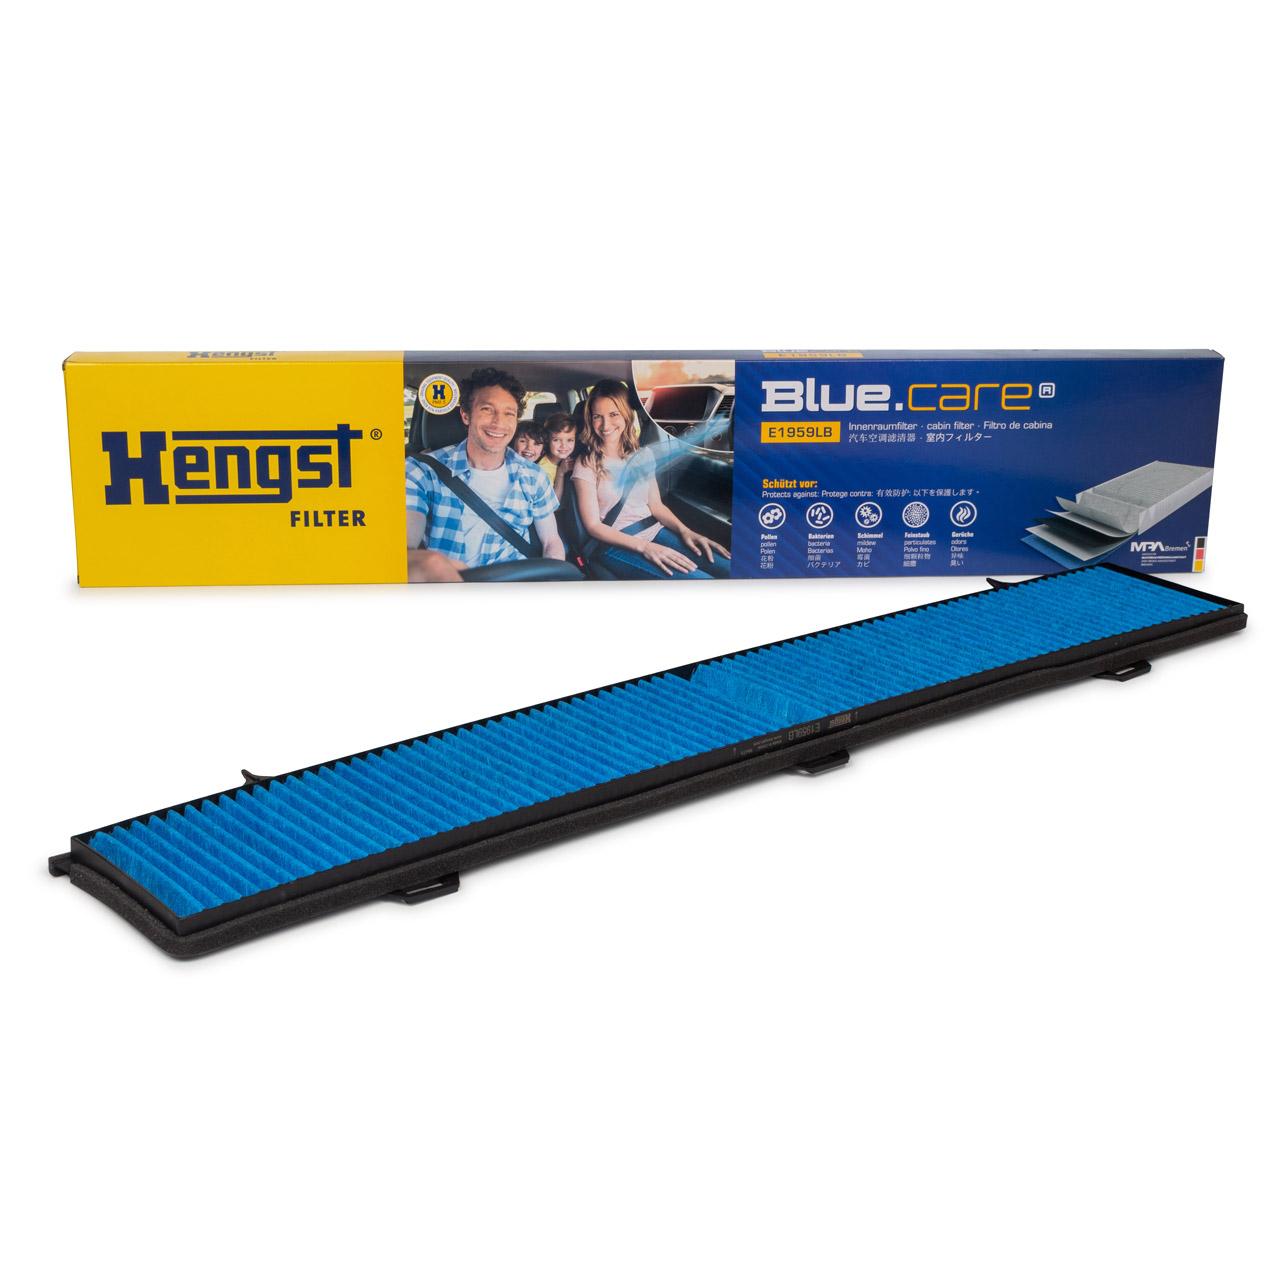 HENGST E1959LB BLUE CARE Innenraumfilter ANTIBAKTERIELL für BMW E81-88 E90-93 X1